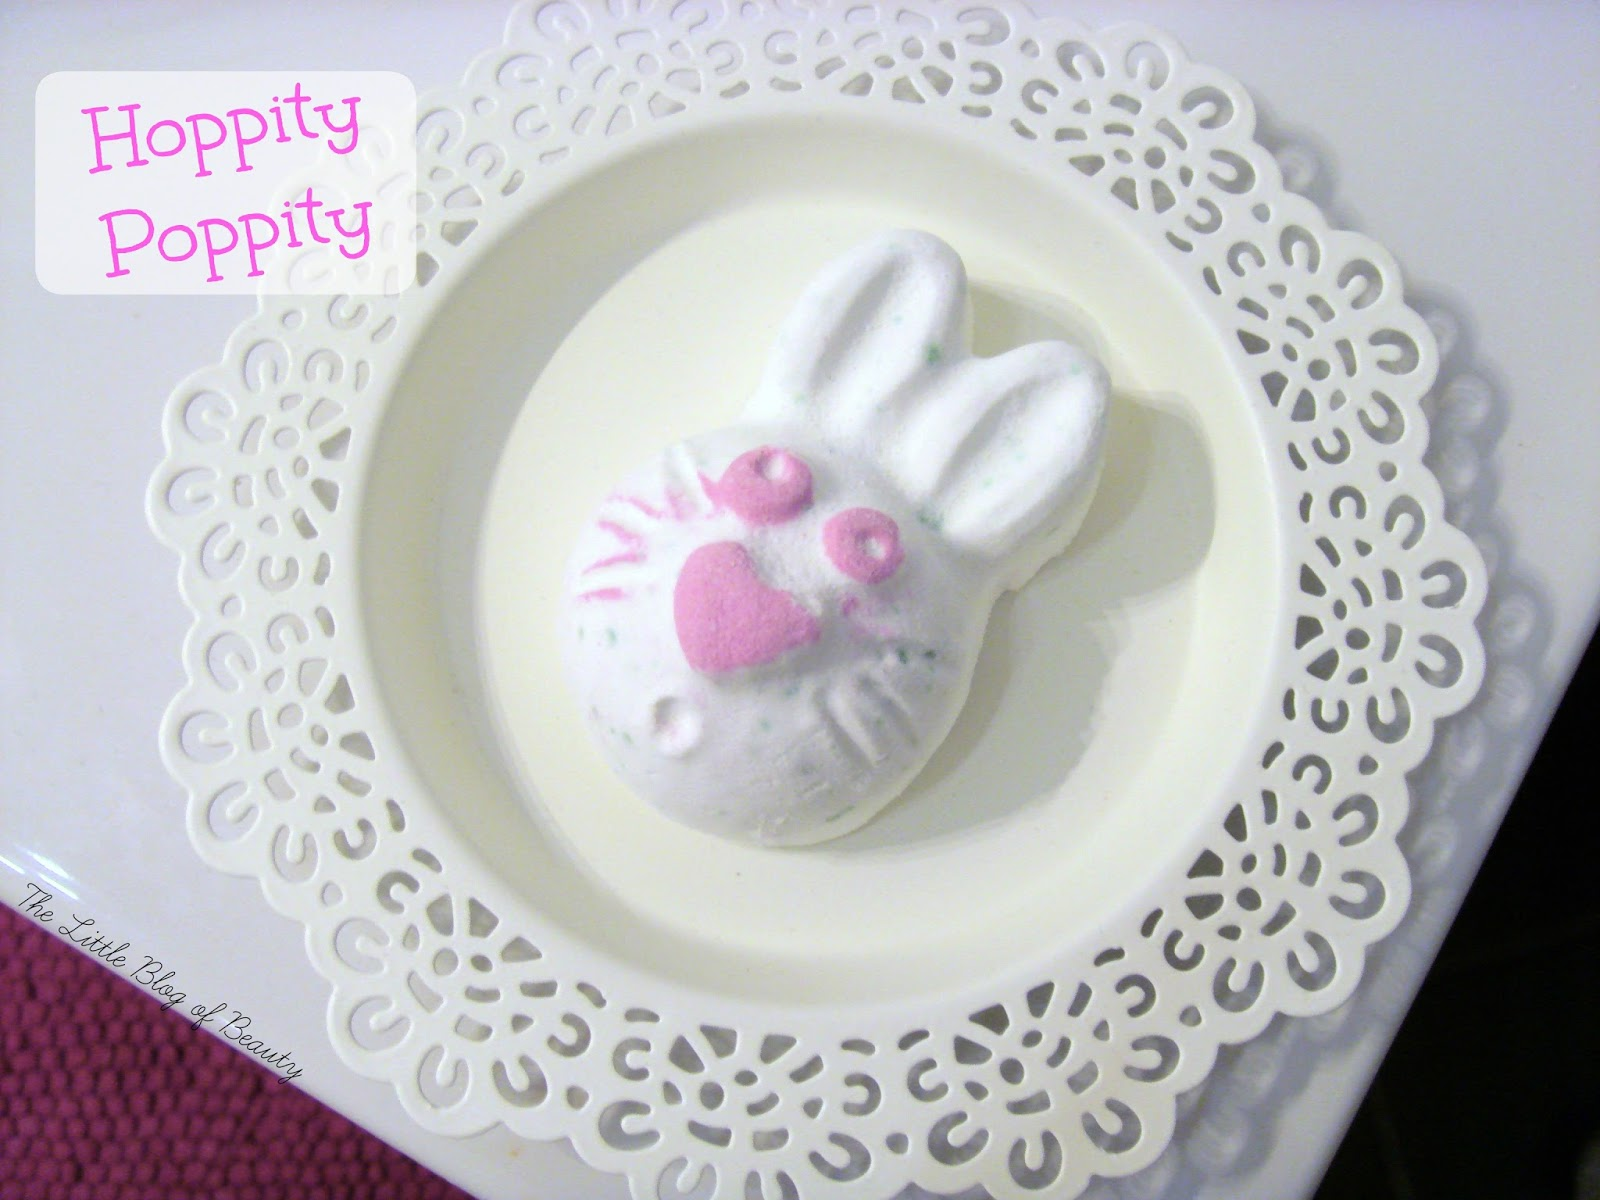 Lush Hoppity Poppity bath bomb